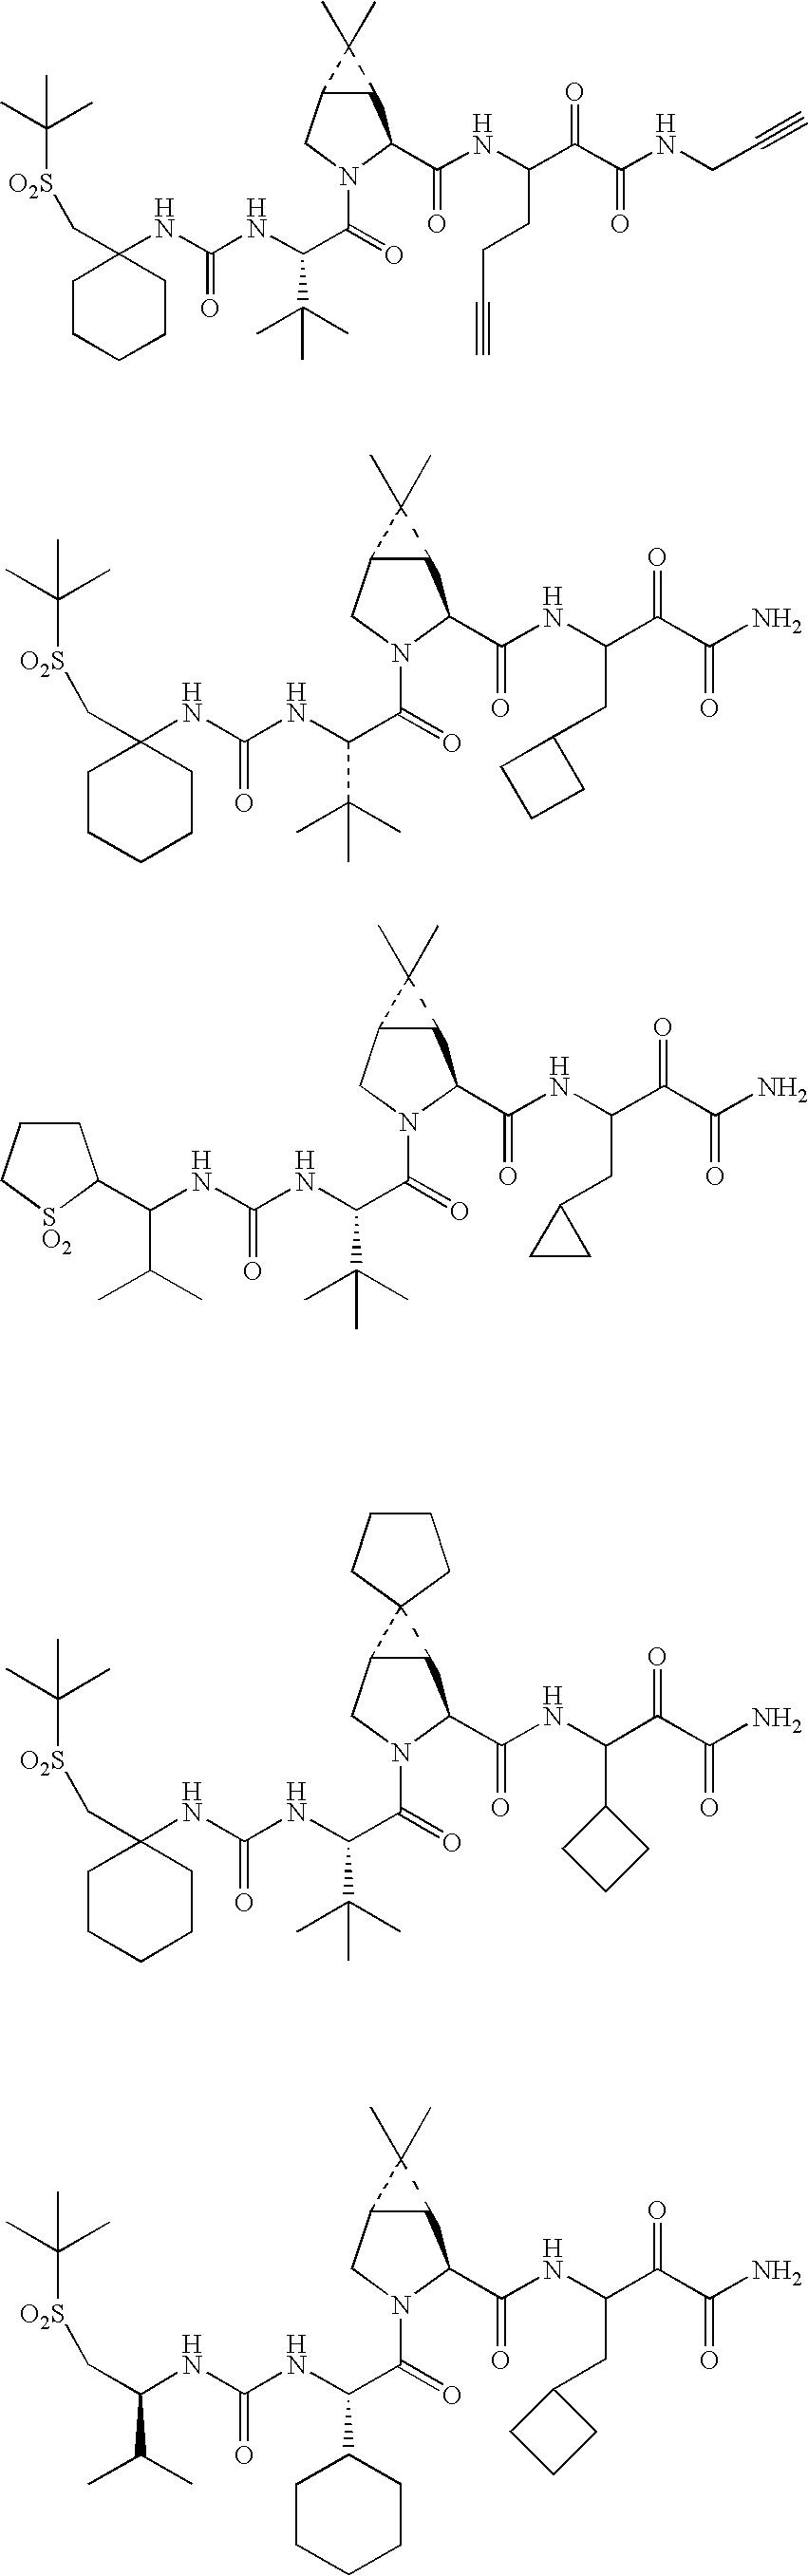 Figure US20060287248A1-20061221-C00447